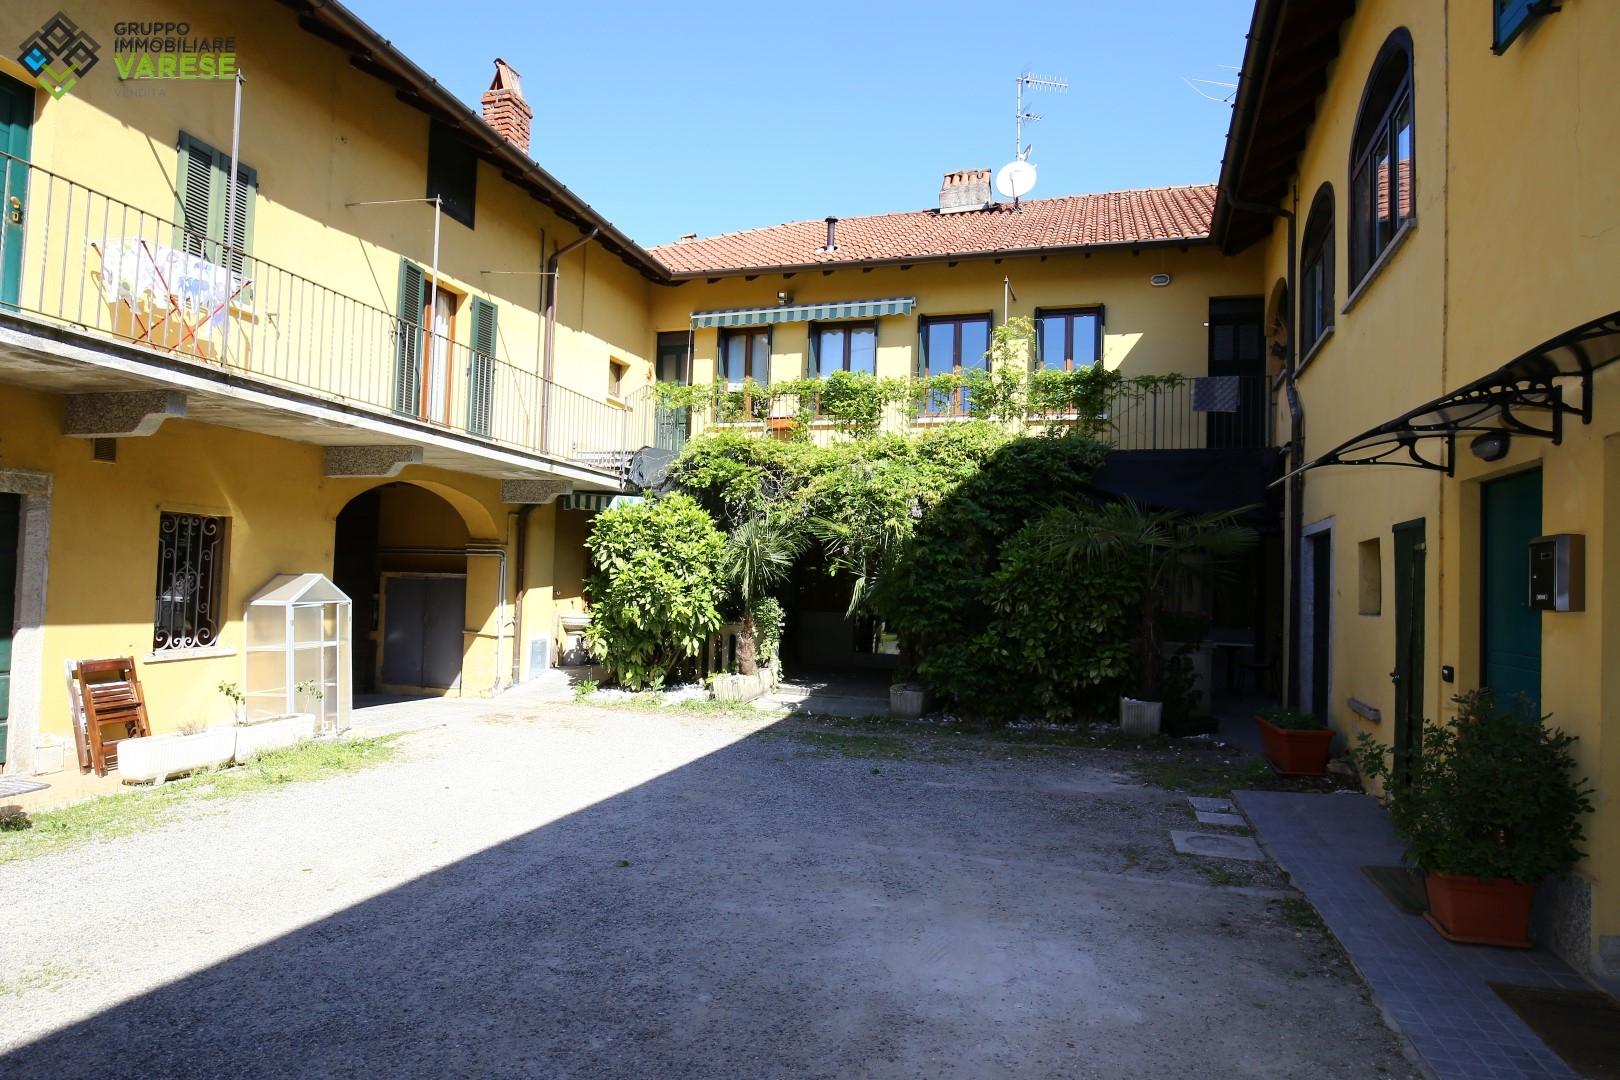 Appartamento in vendita a Travedona-Monate, 4 locali, prezzo € 115.000 | CambioCasa.it